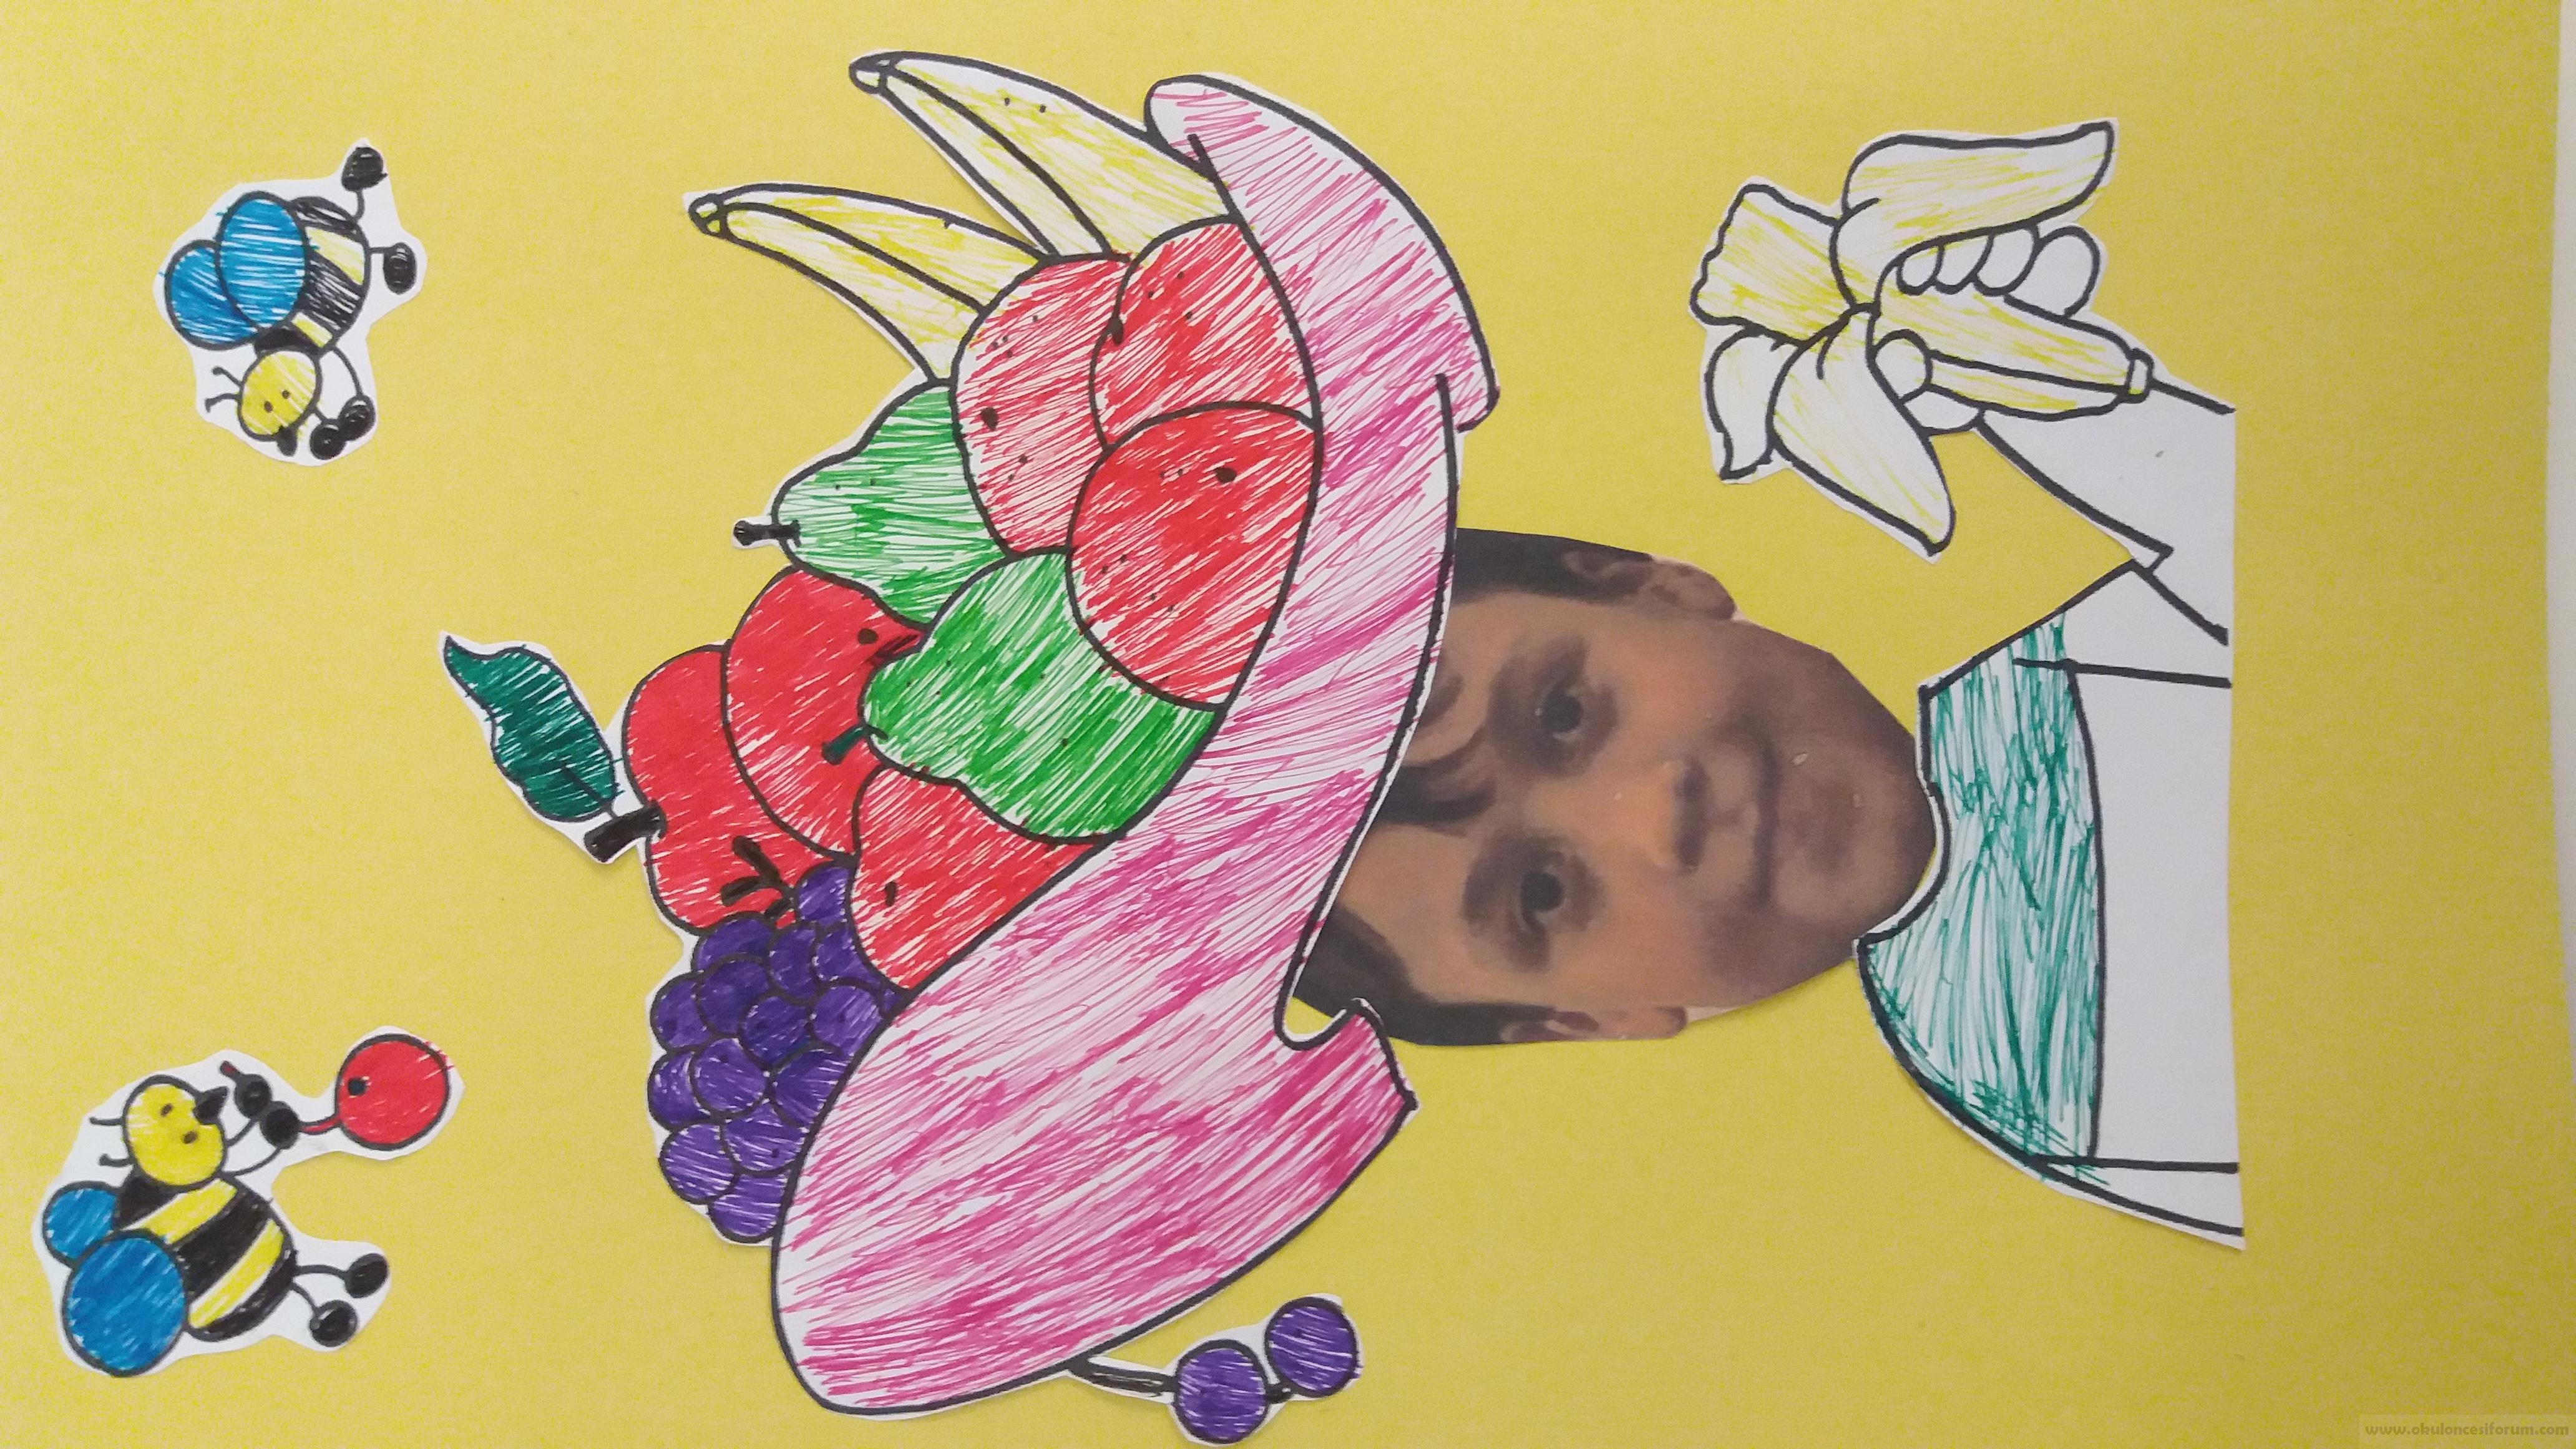 Meyve Tabağı şapkam Okul öncesi Etkinlikleri